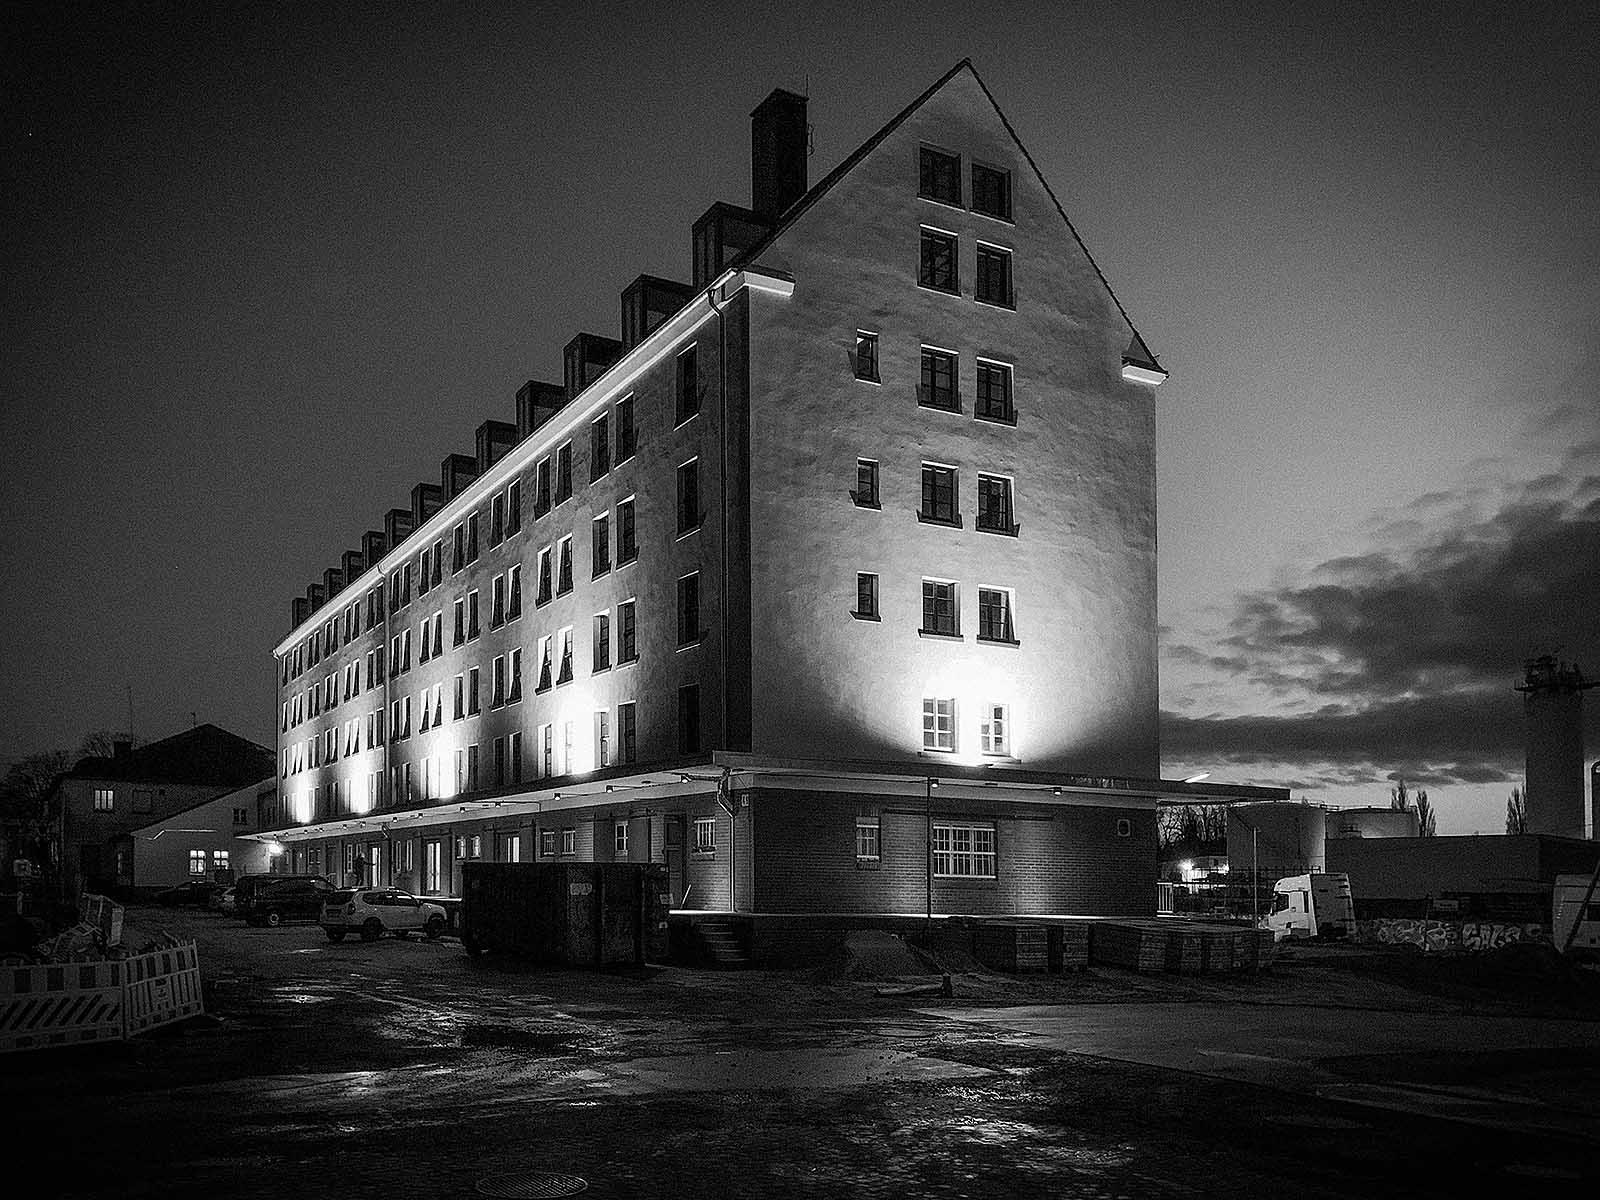 Werbeagentur Osnabrück: Im Hafen entsteht ein neues Kreativquartier. Die Werbeagentur Hasegold ist in die 4. Etage eingezogen.